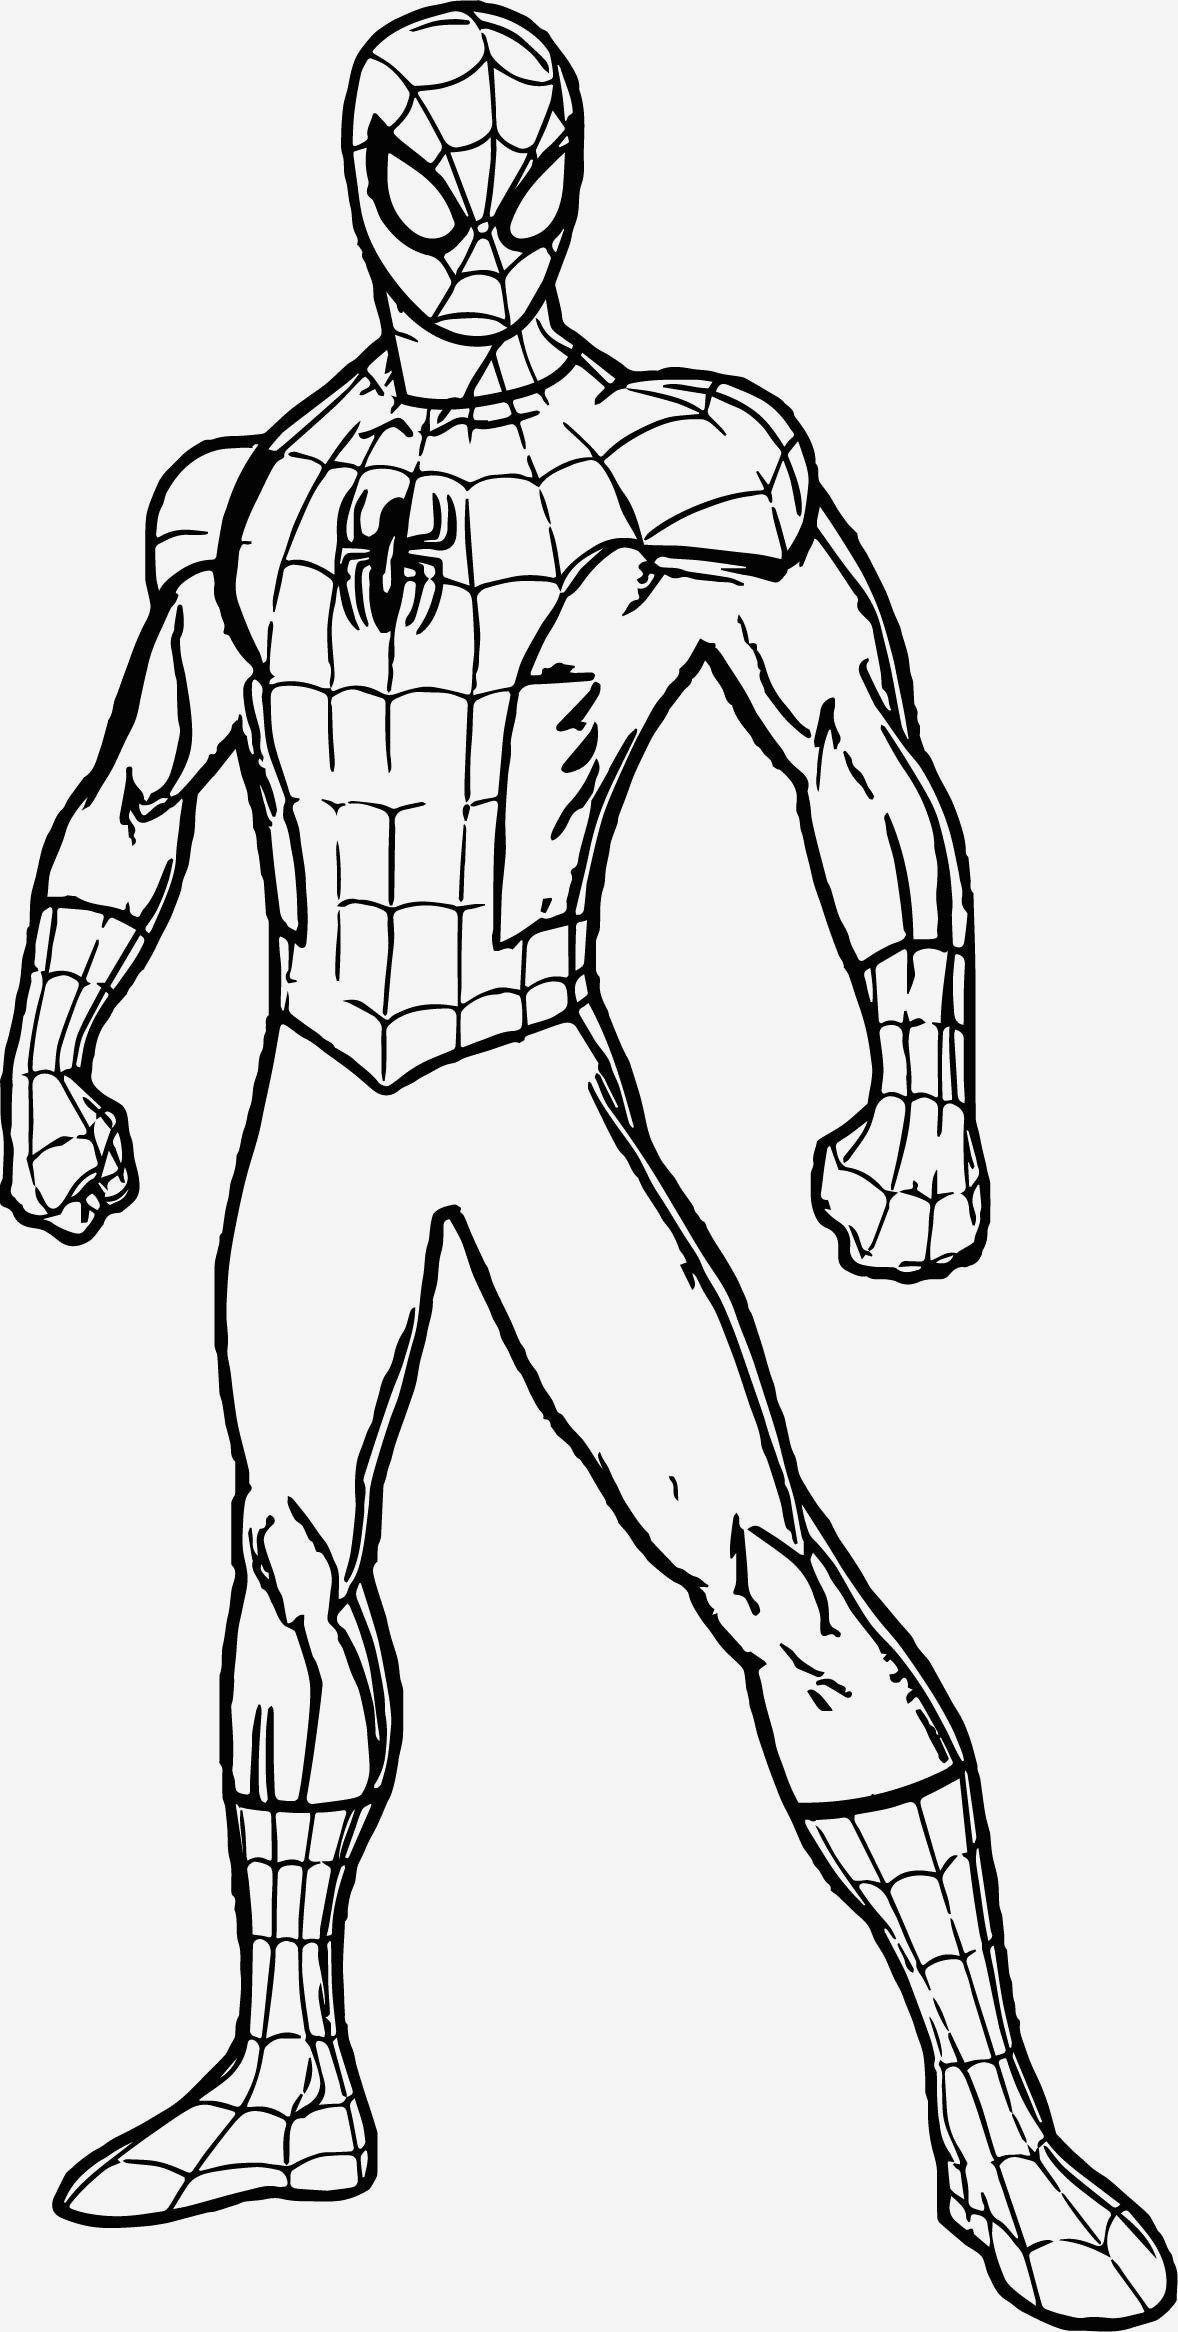 Wunderbares Bild von freien Spiderman-Malvorlagen - Superhero